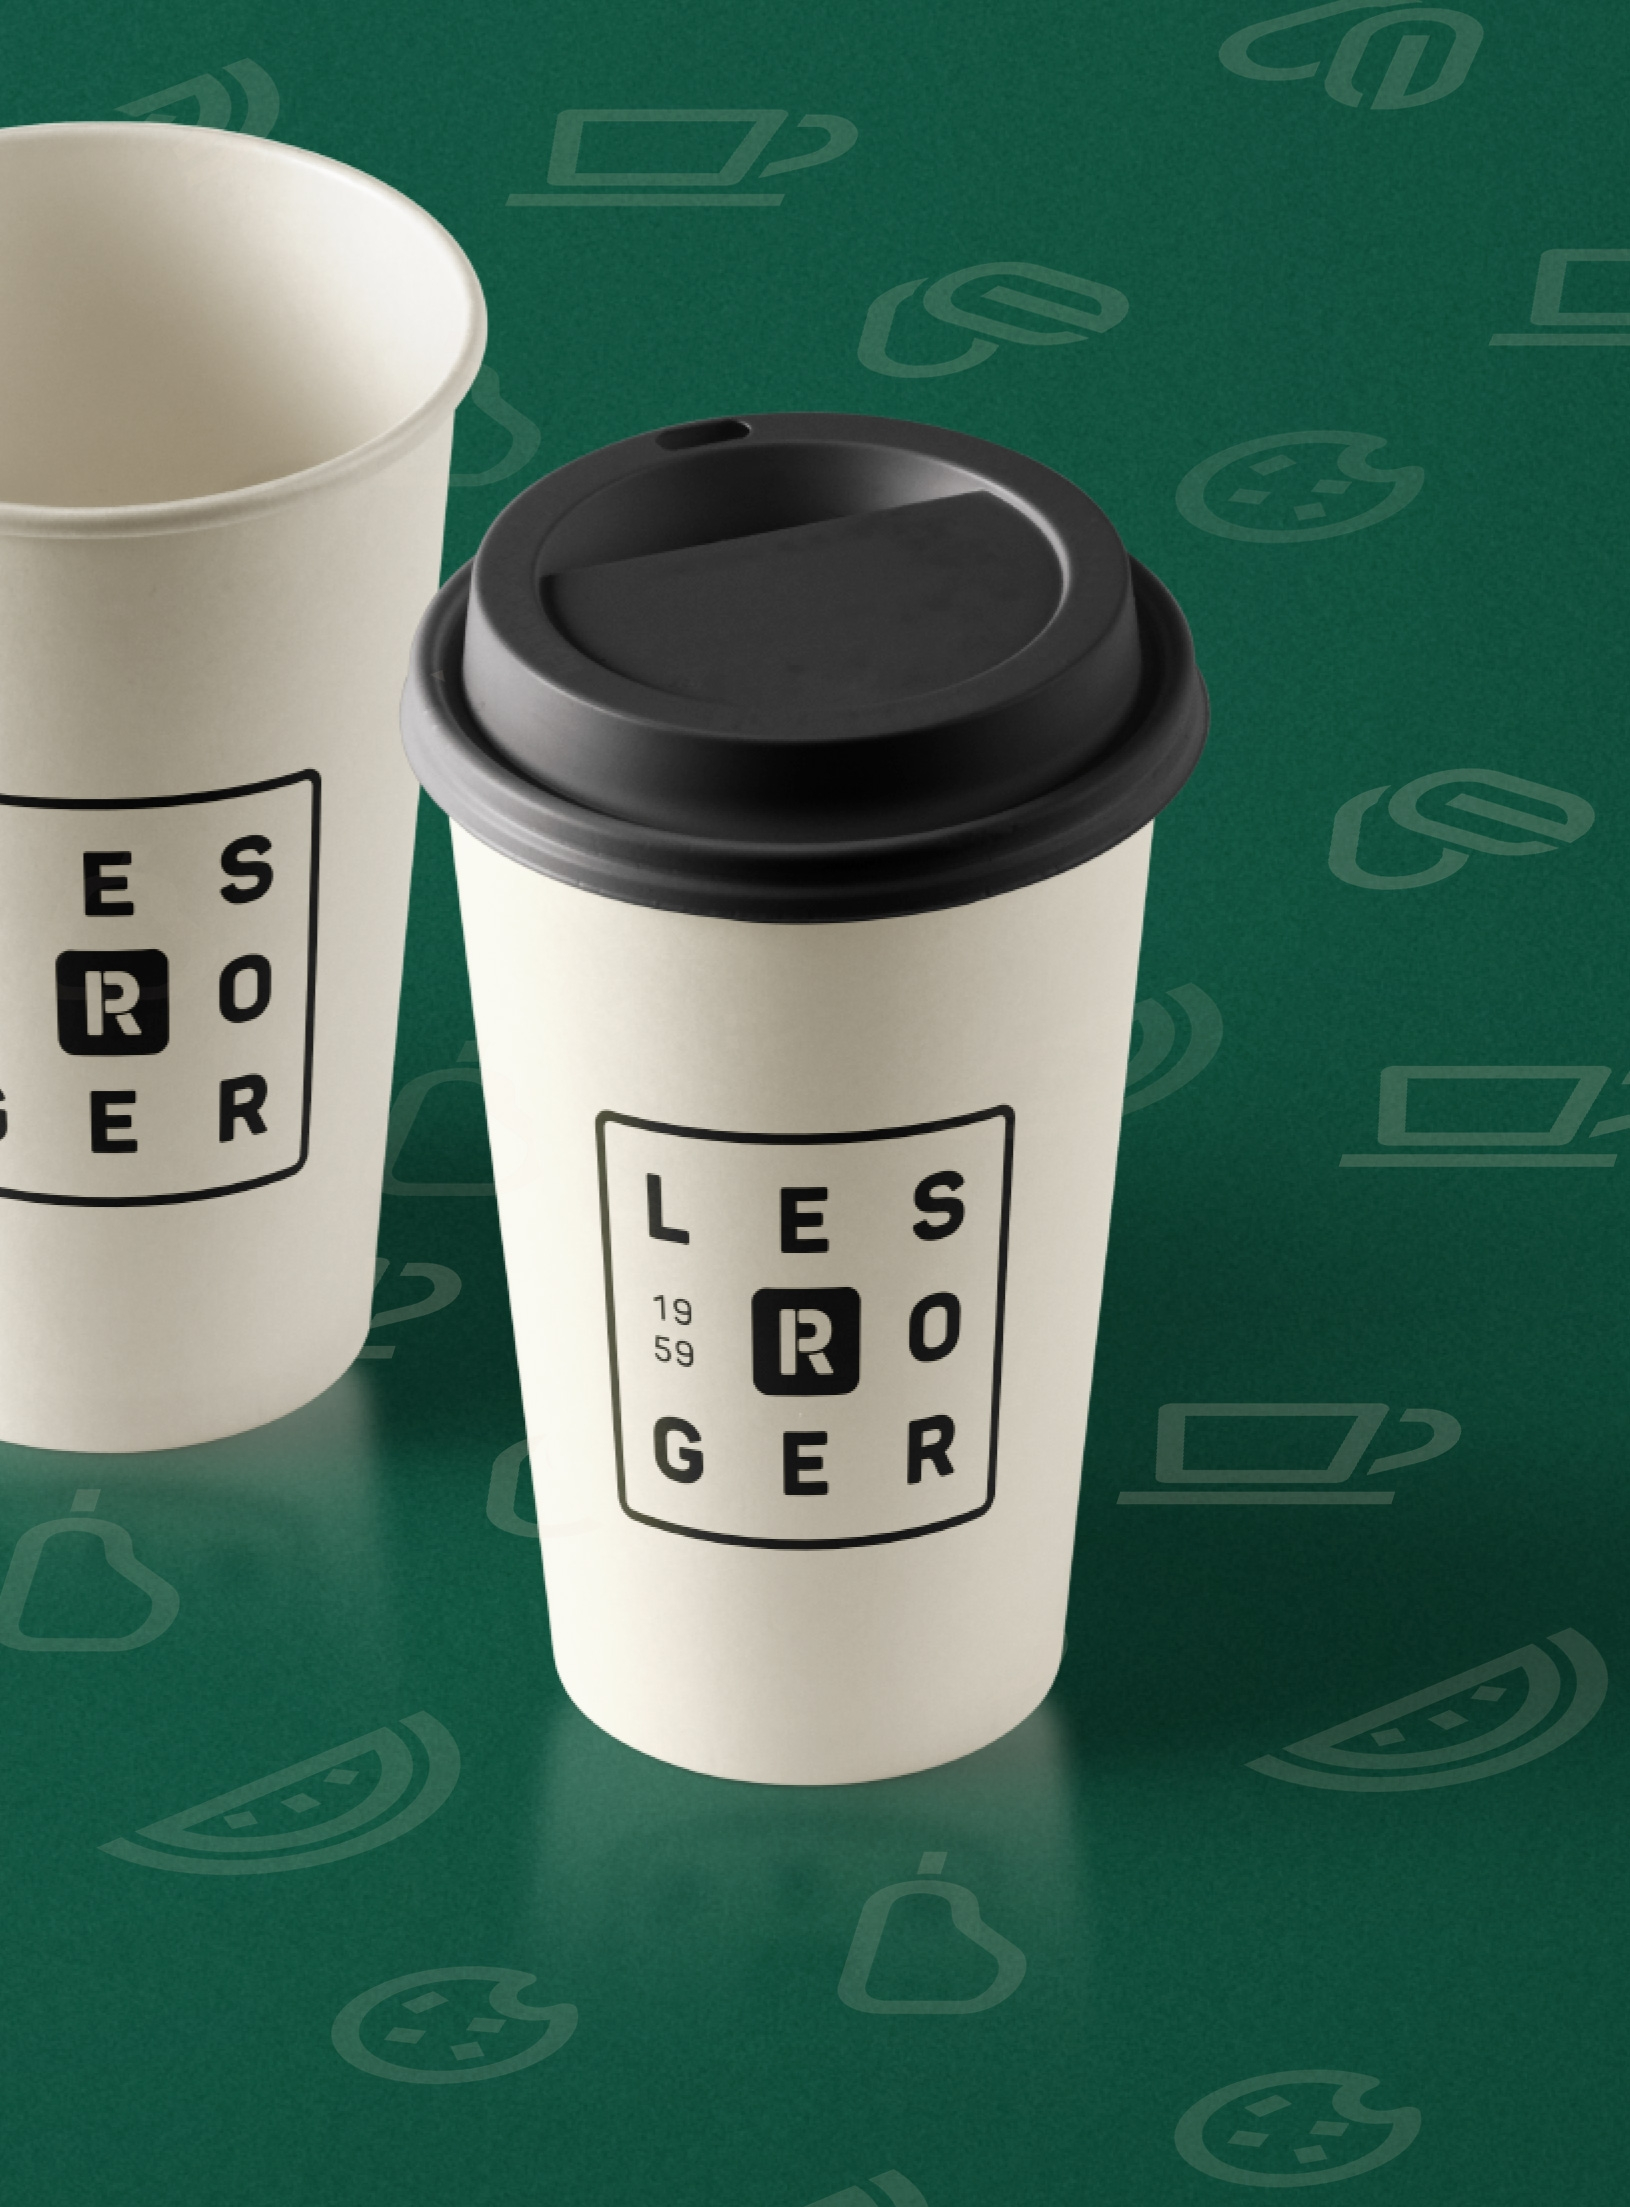 Gobelet à café Les Roger